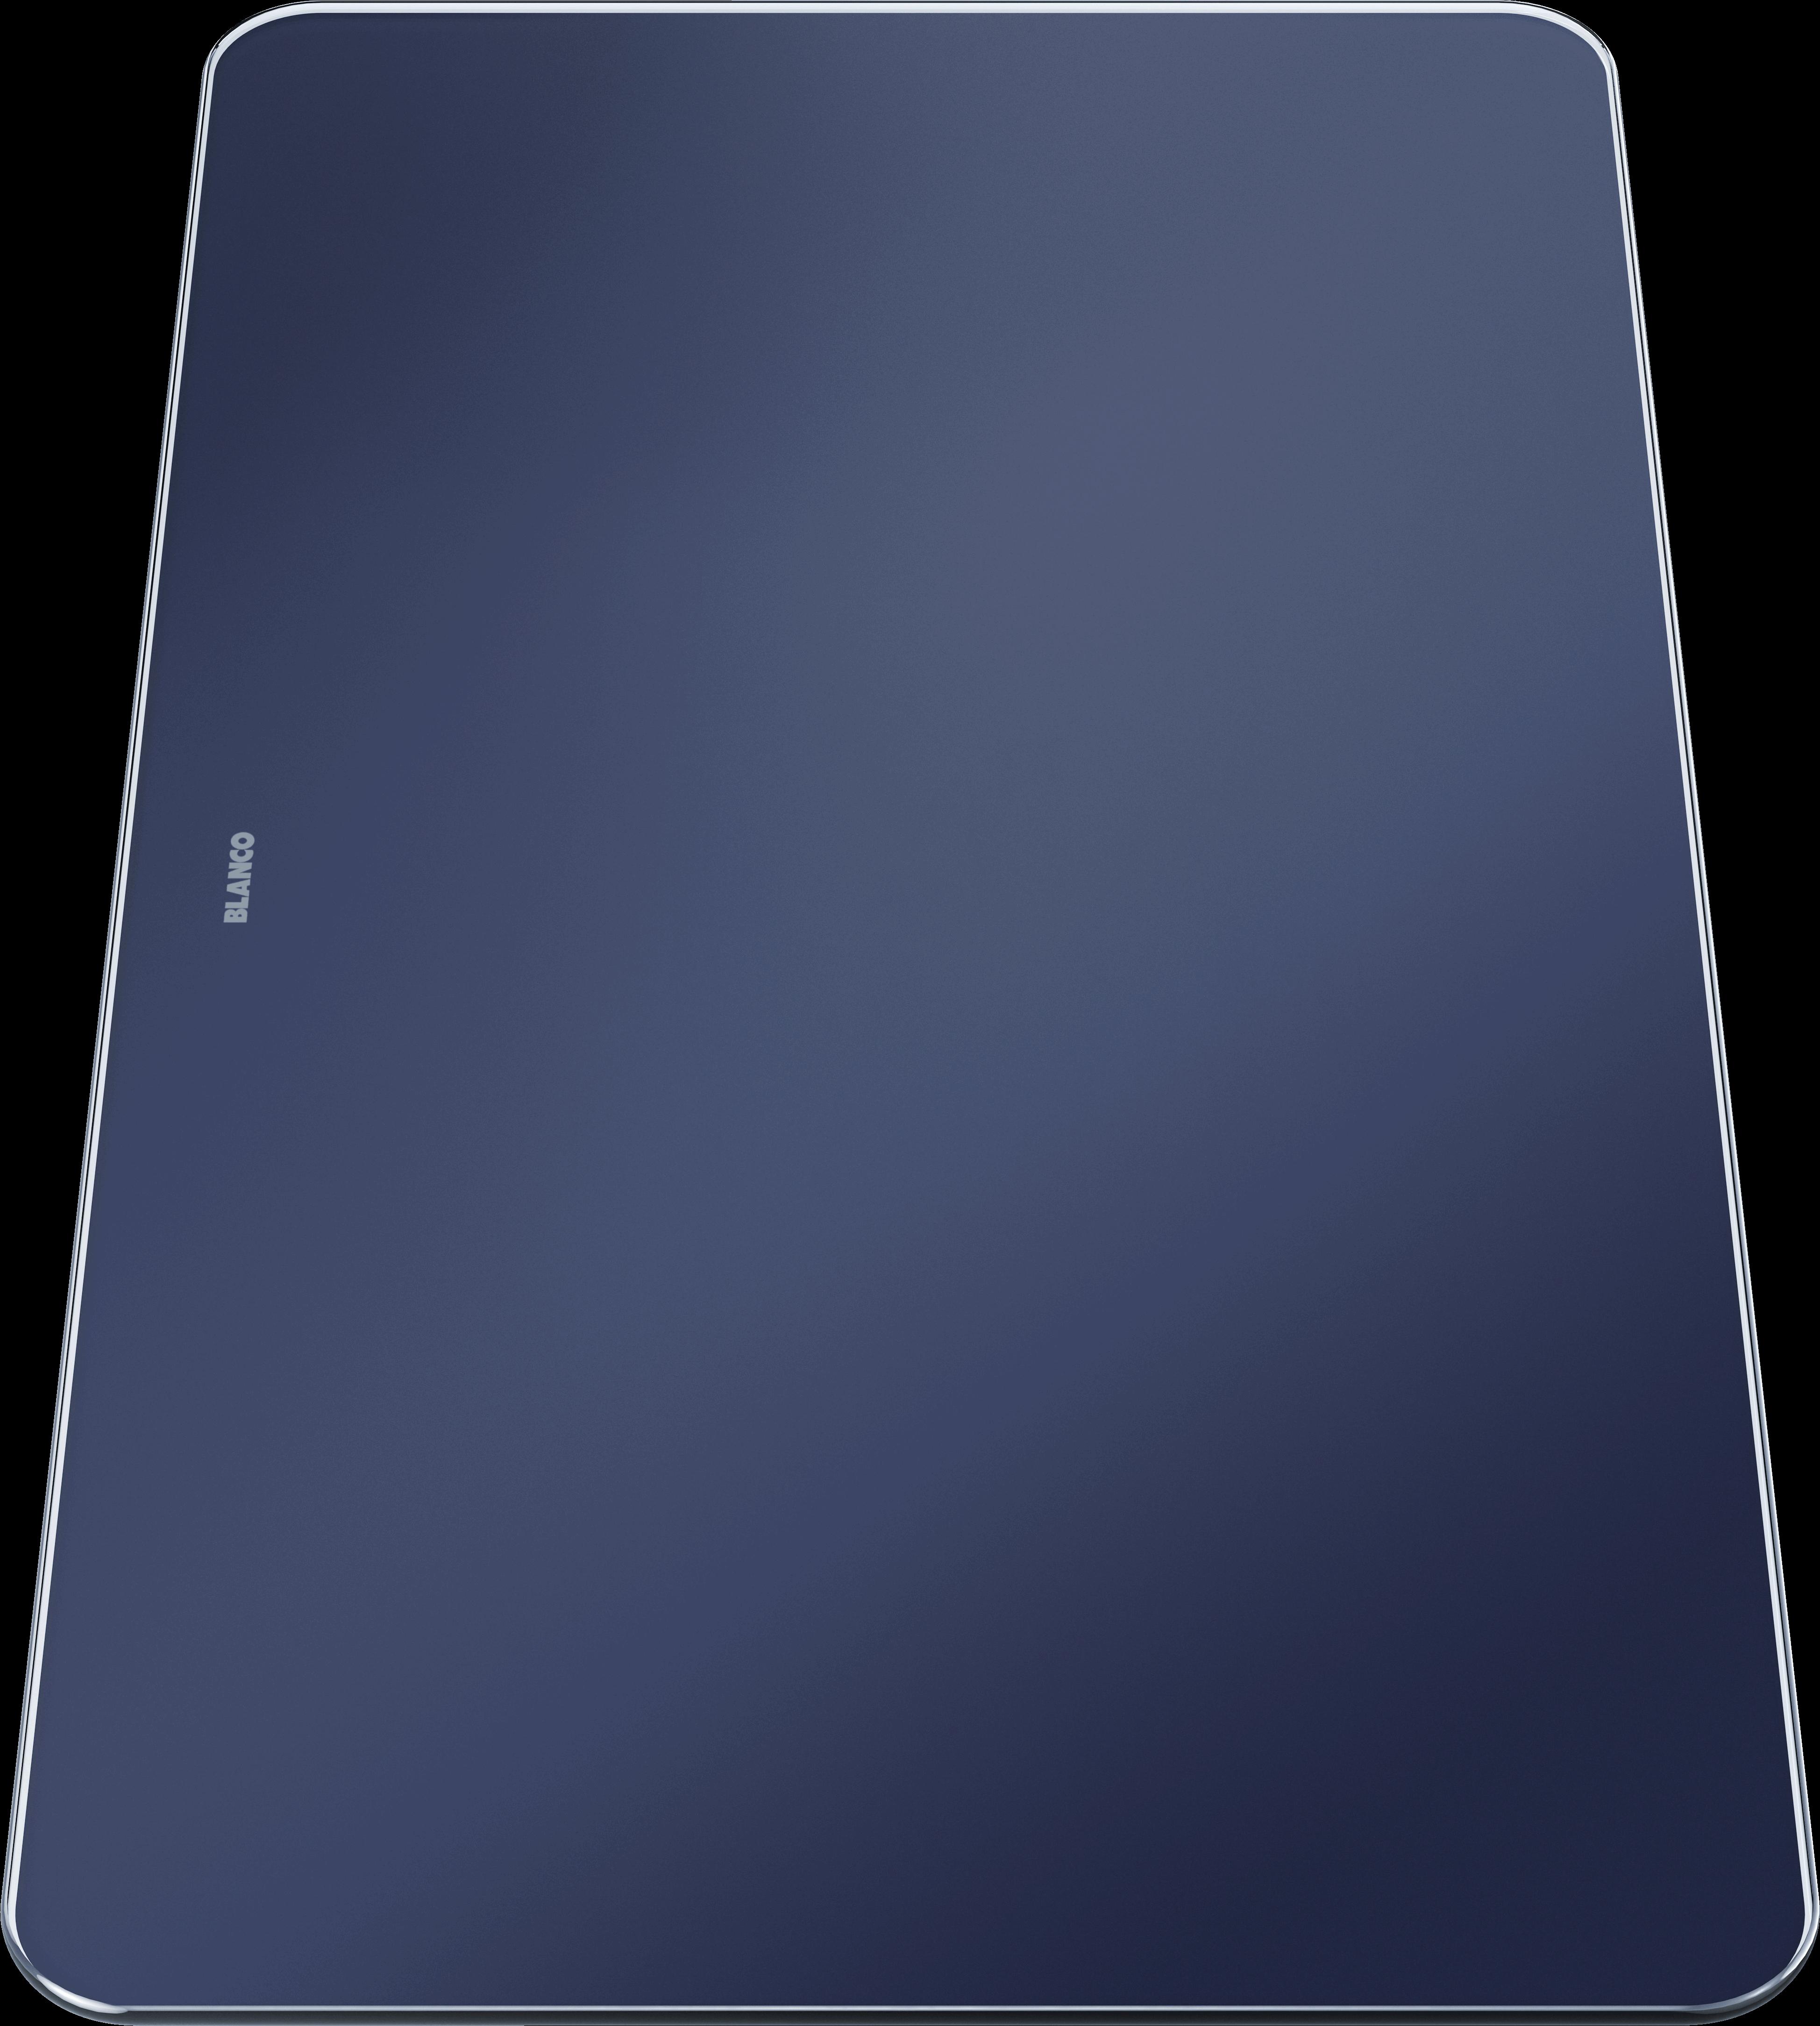 Glasschneidbrett in samt-mattem Nachtblau